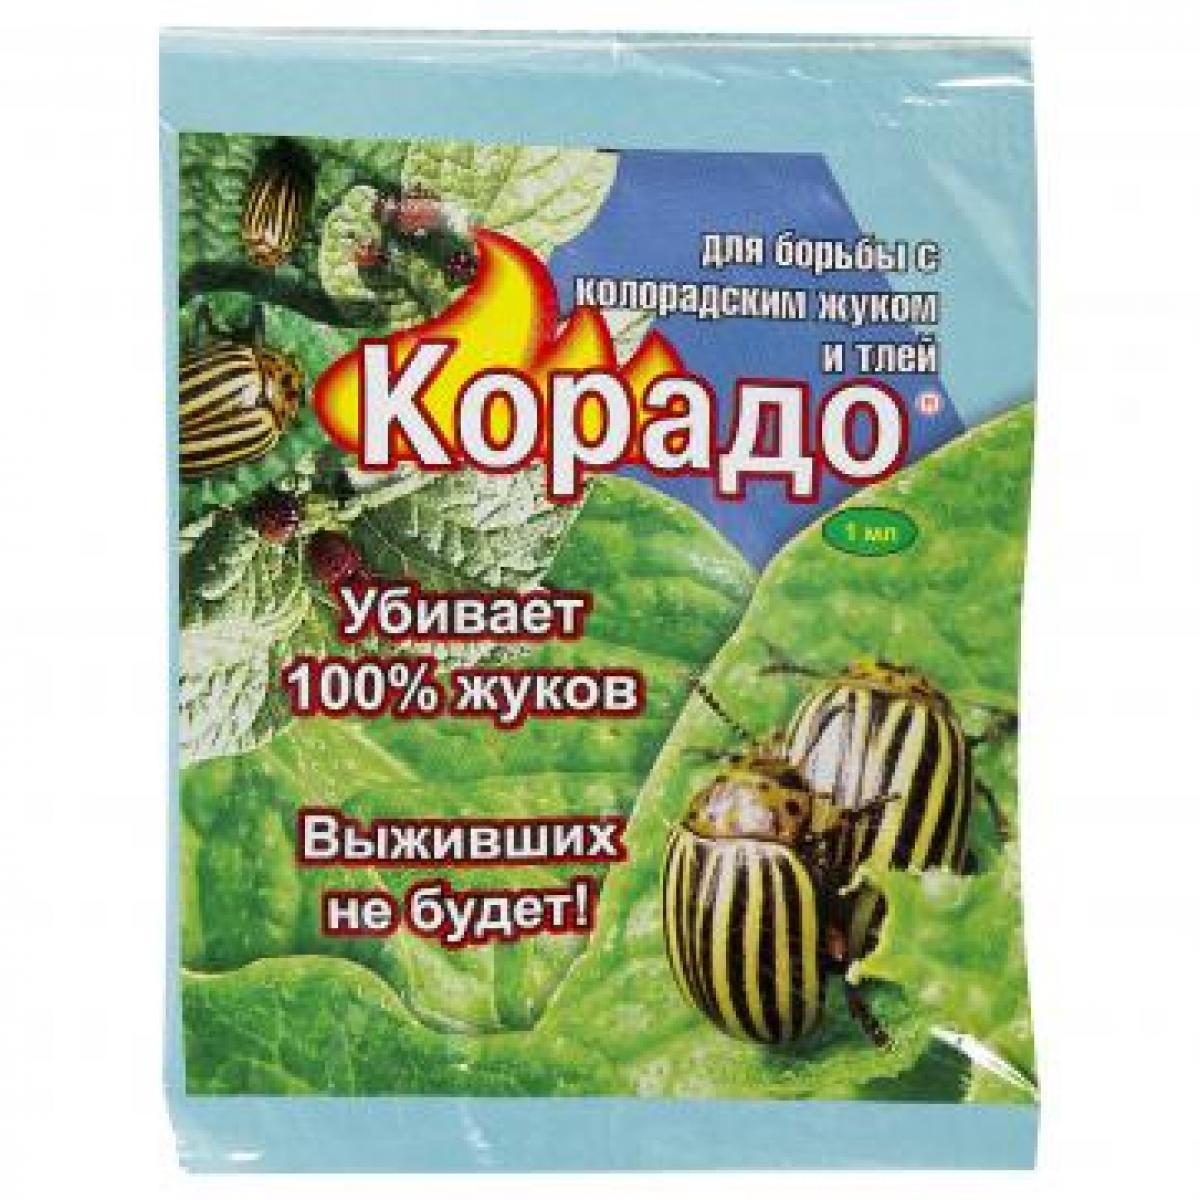 Применение препарата корадо от колорадского жука - мыдачники